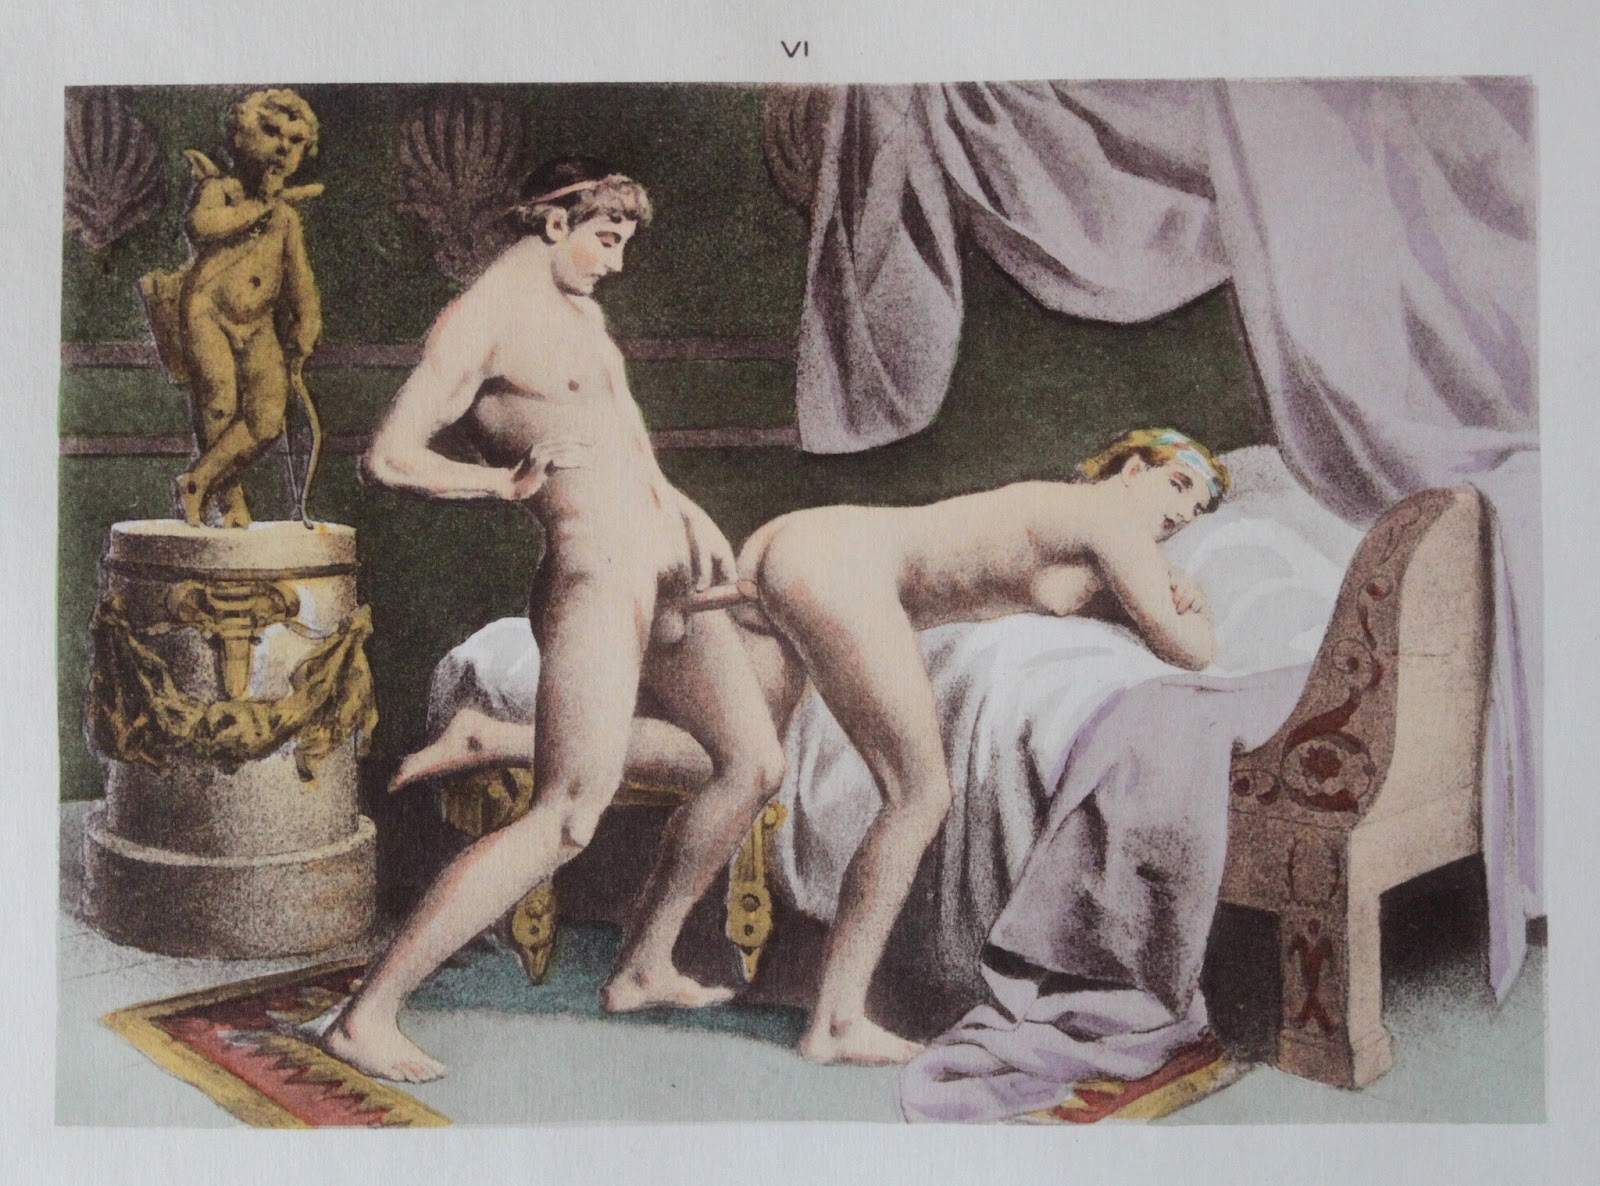 секс ипорно в древности рассказы